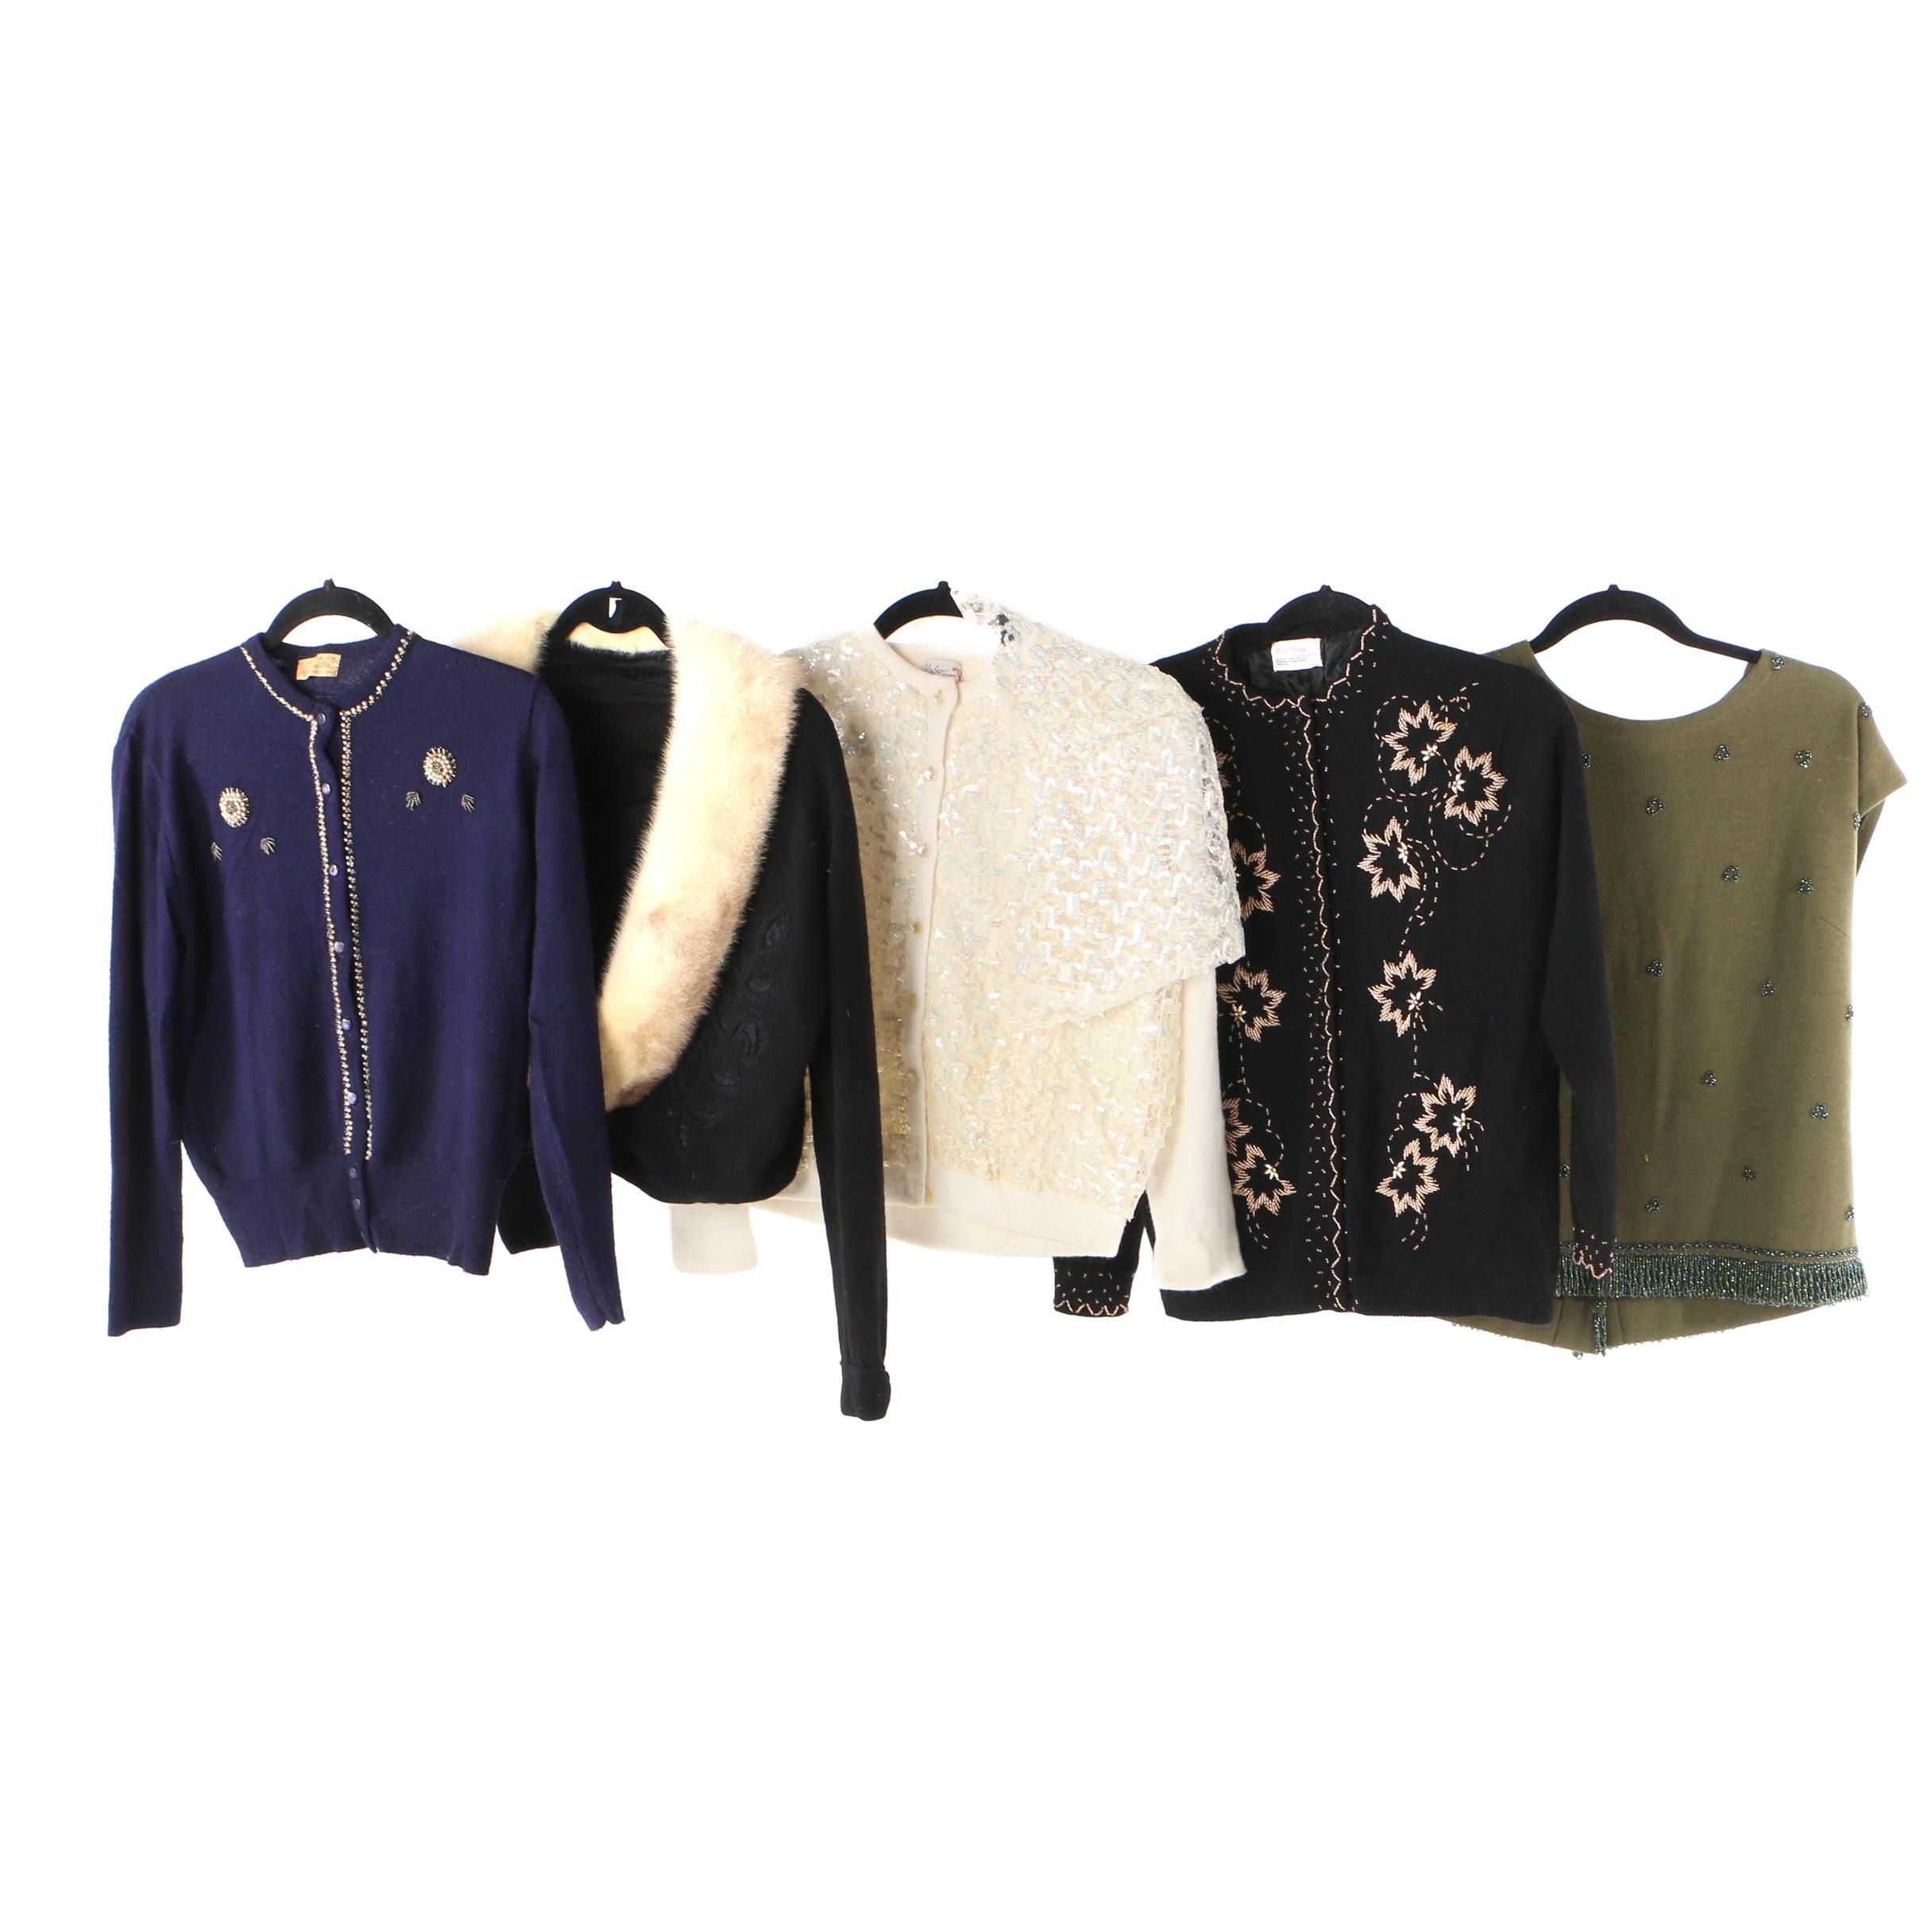 1950s - 1960s Vintage Embellished Sweaters Including Mink Fur Trimmed